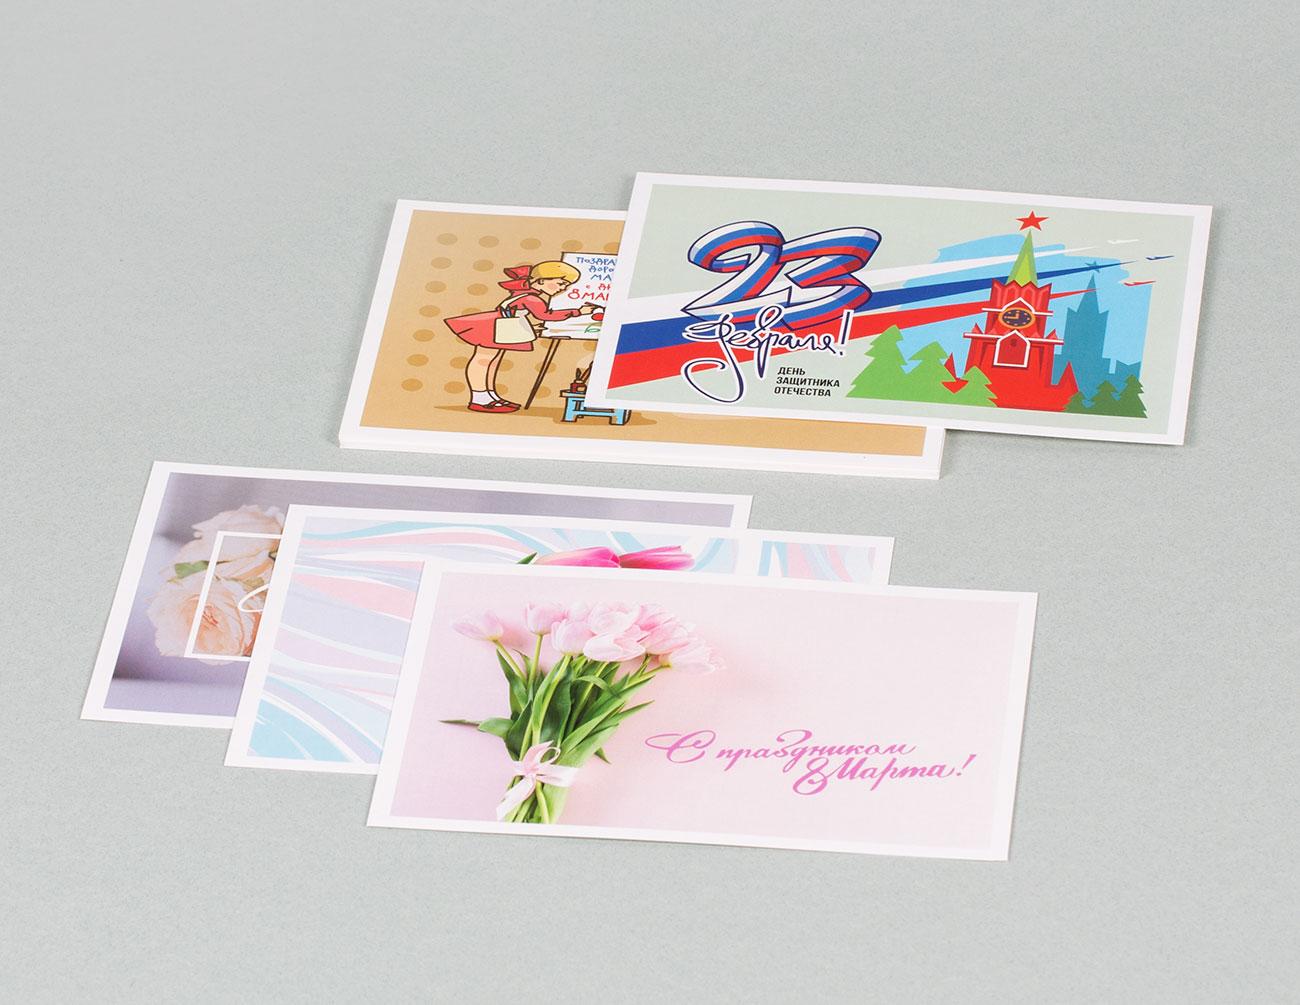 Отправить открытку с сайта - Комсомольск-на-Амуре